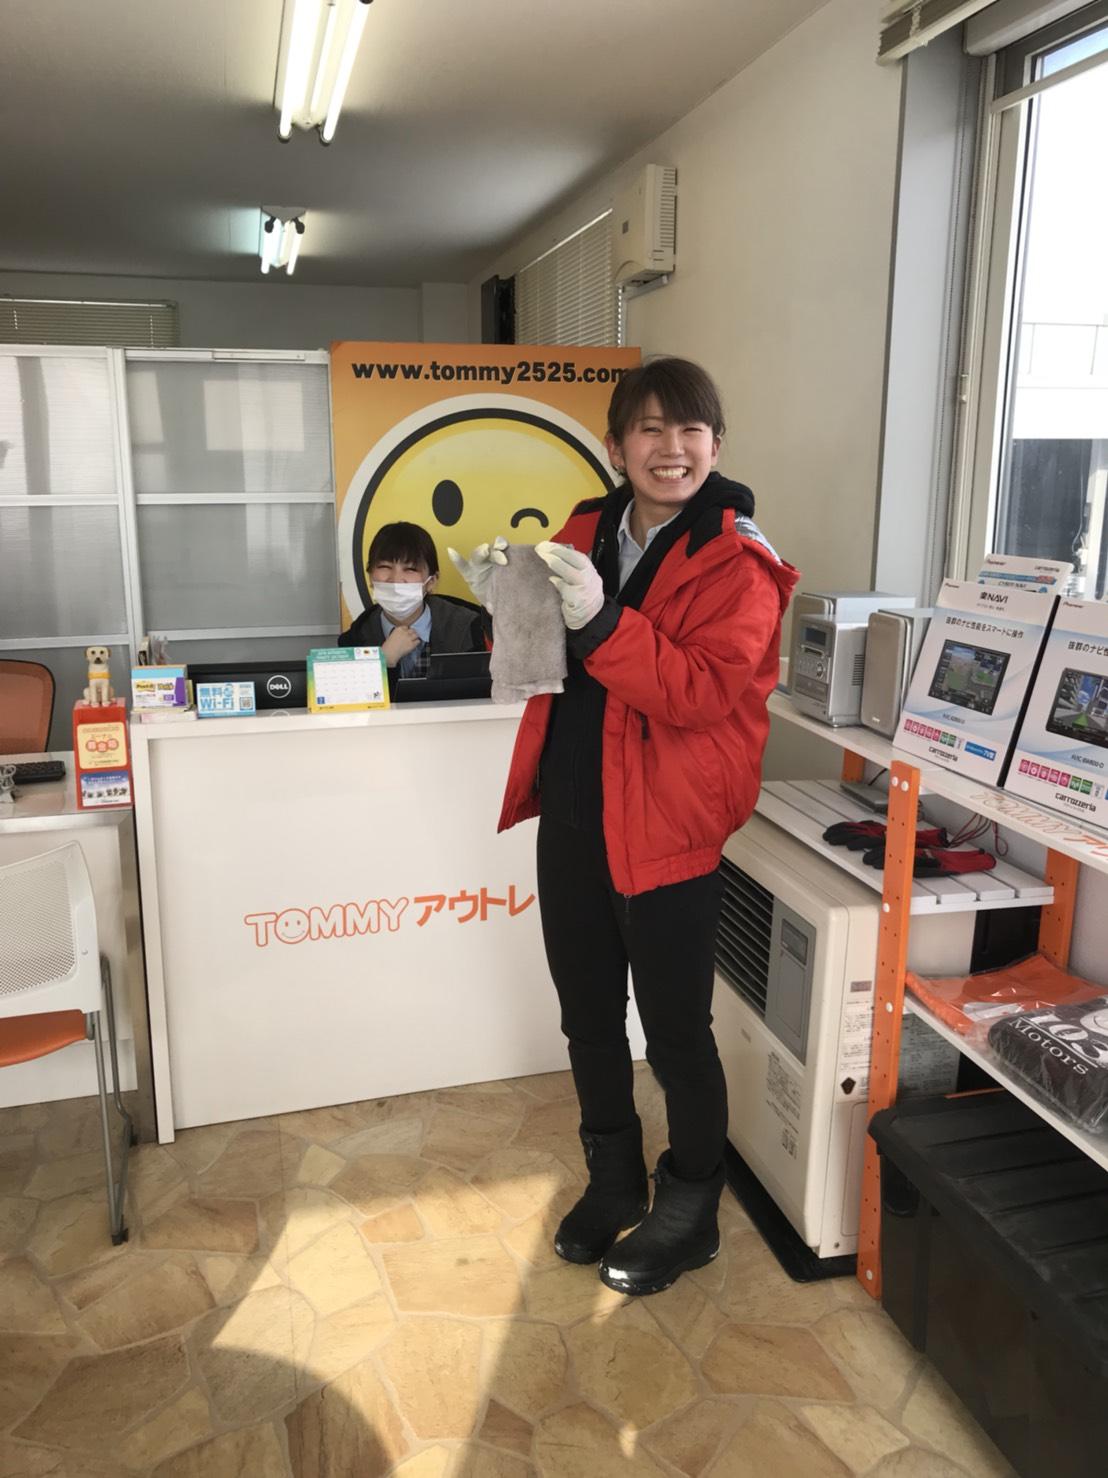 2月21日 水曜日の本店ササキブログ◝(⁰▿⁰)◜ ランクル、アルファード、ハイエース♬TOMMYレンタカー_b0127002_164240.jpg